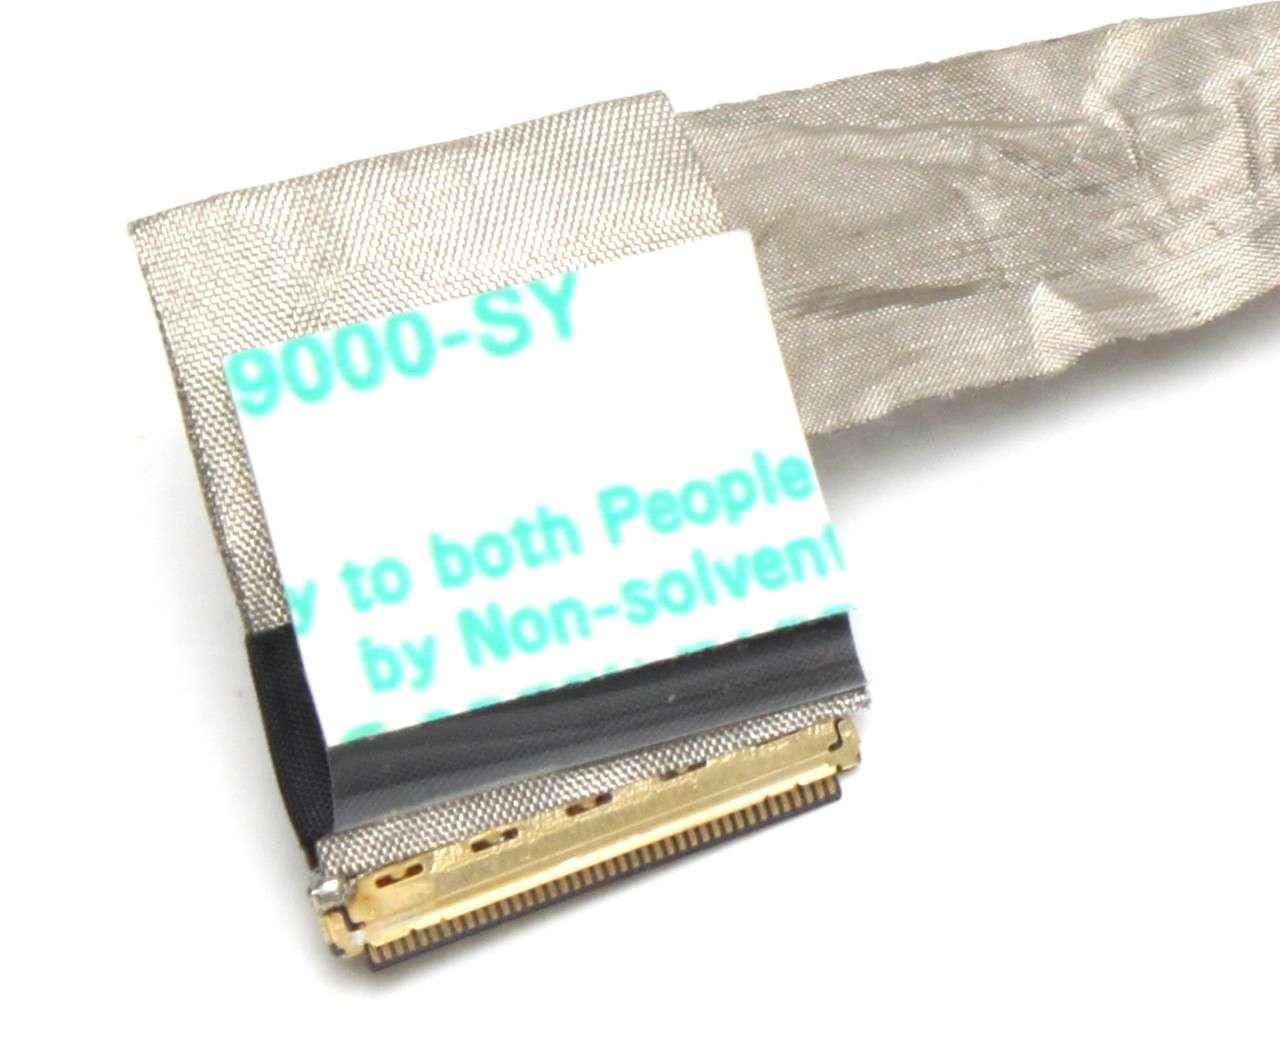 Cablu video LVDS Asus K72 Long imagine powerlaptop.ro 2021